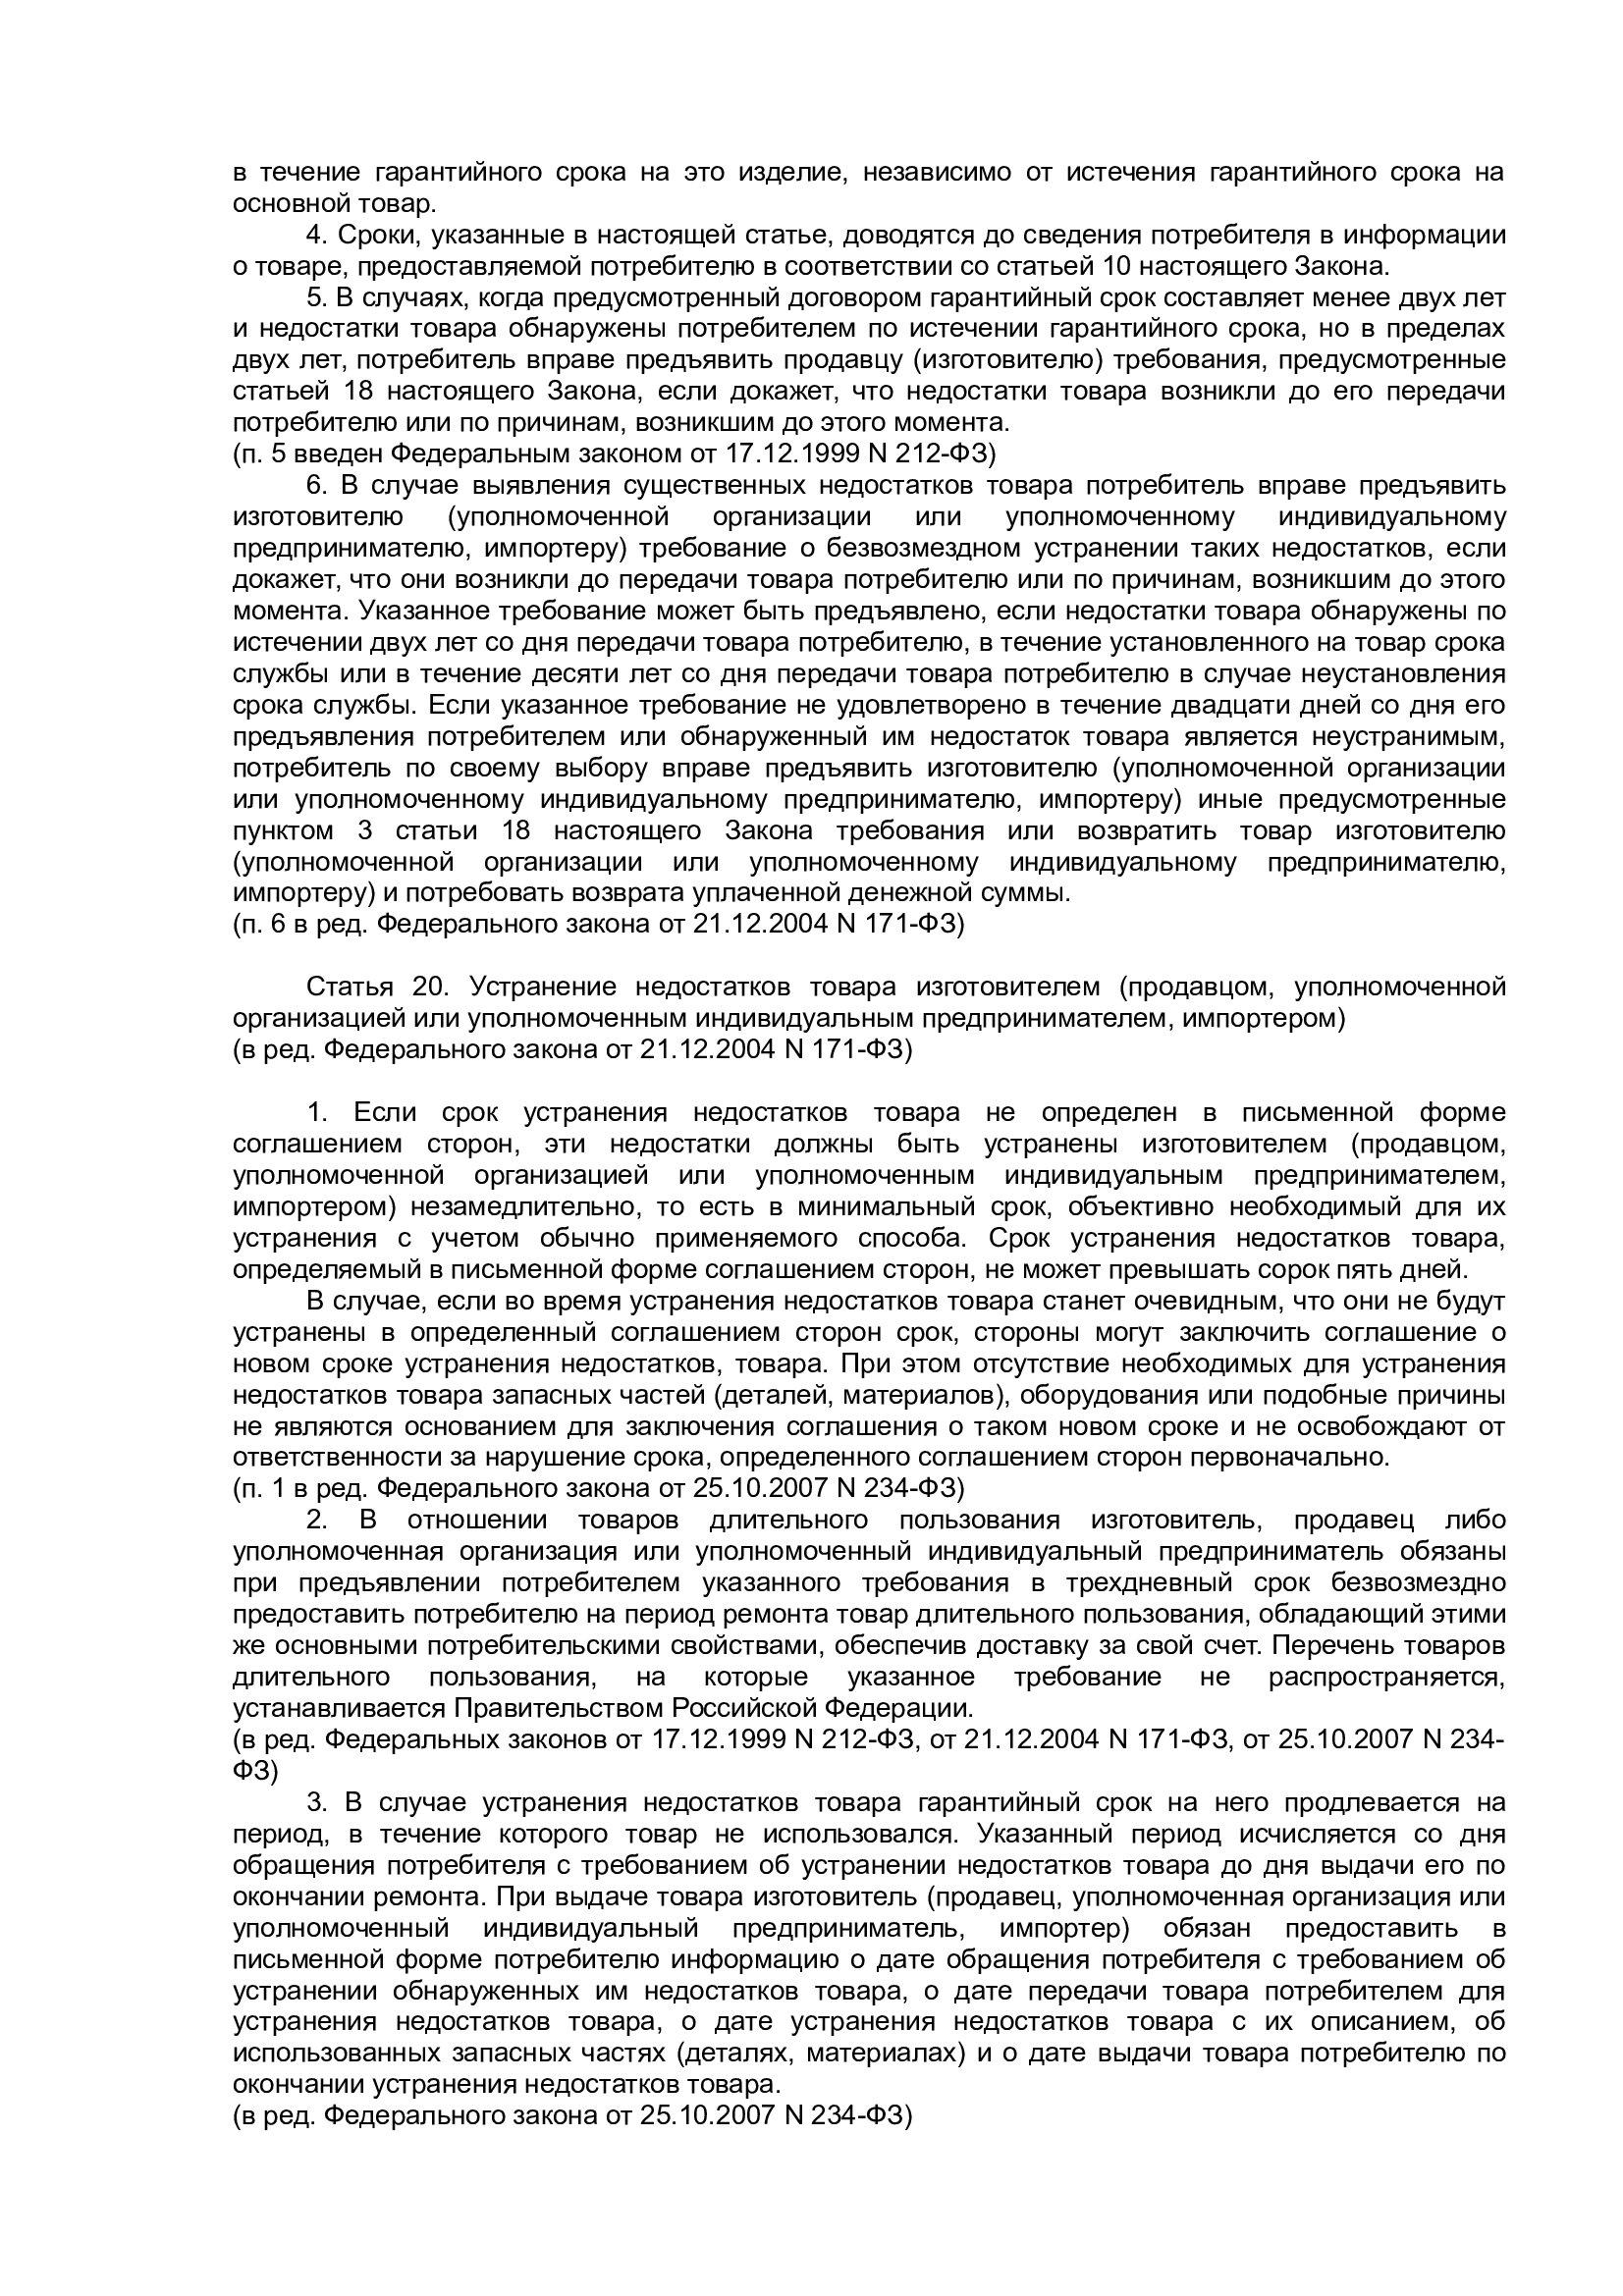 соглашение о новом сроке устранения недостатков товара окинул взором